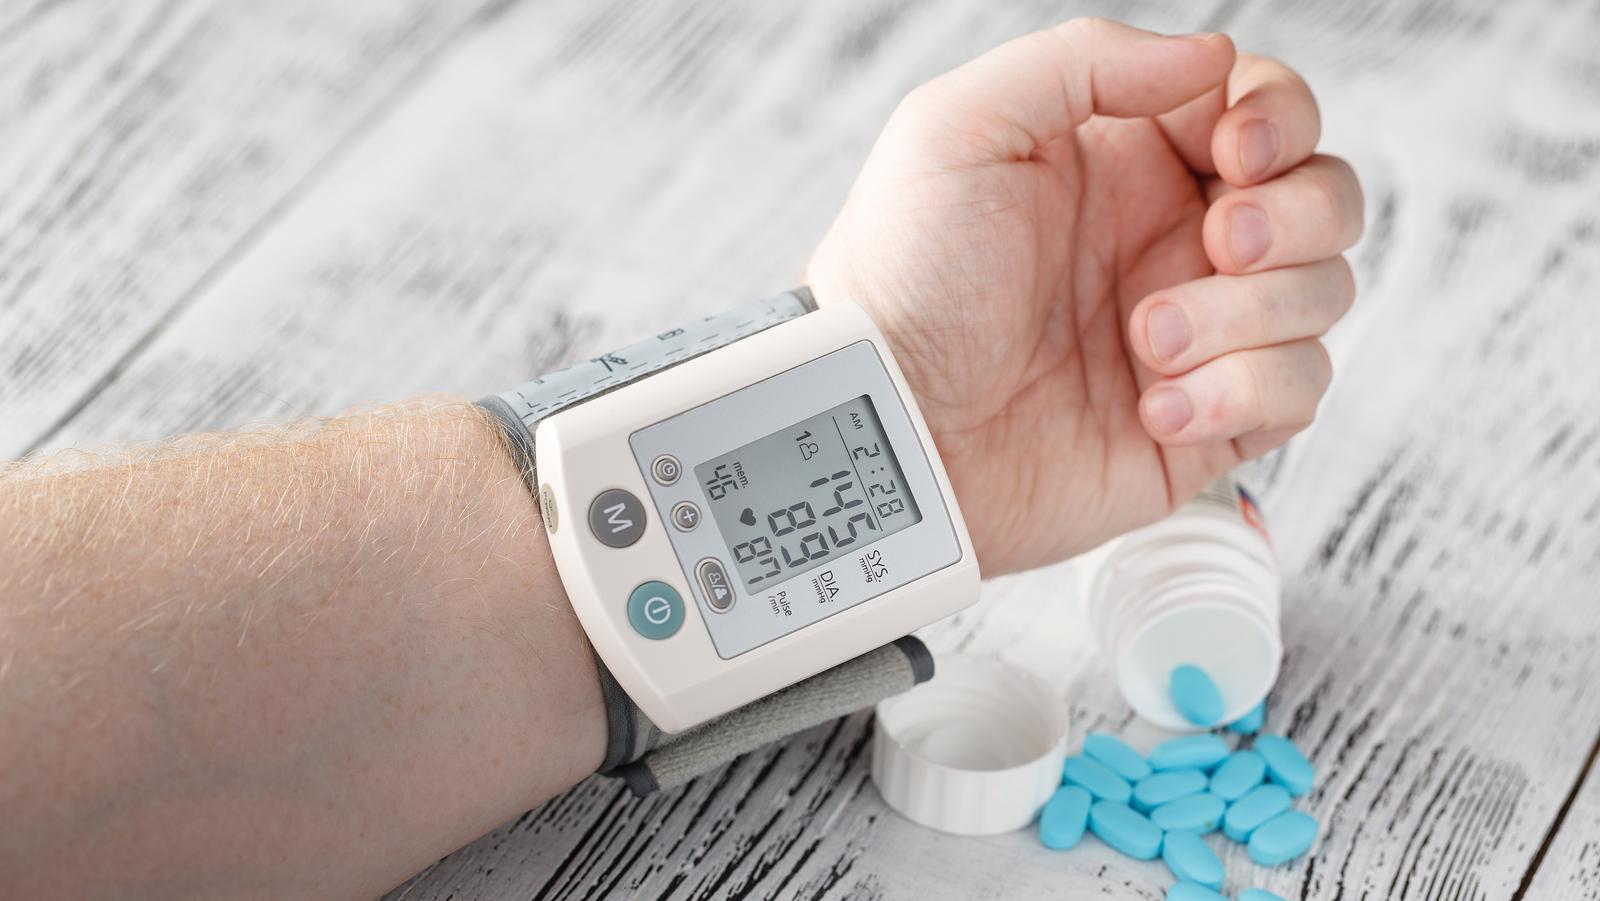 magas vérnyomás és cukorbetegség mély légzés hipertóniával